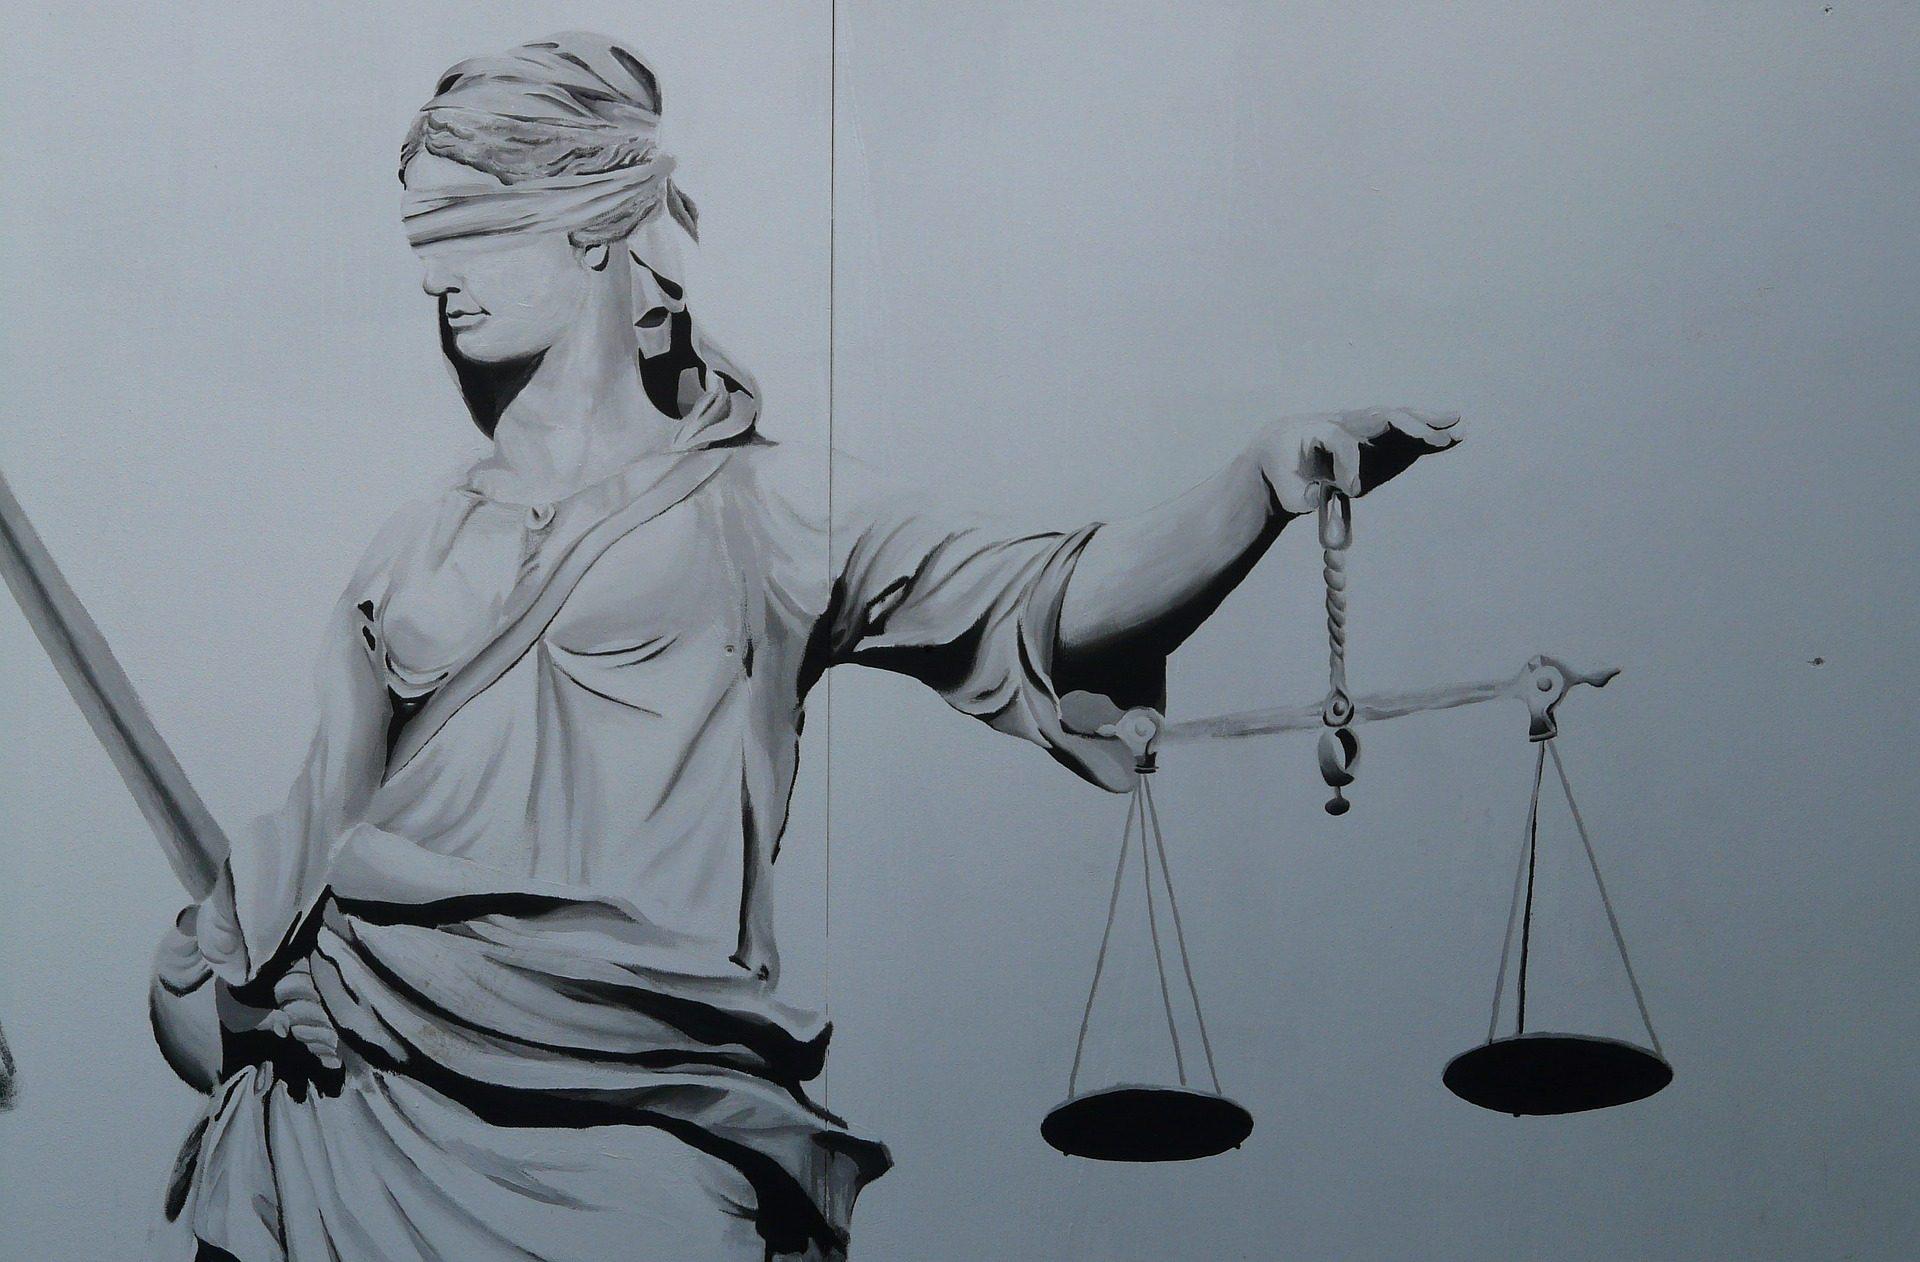 Imagen de justicia ciega para el Servicio jurídico de atención a mujeres especialmente a aquellas que padecen violencia machista